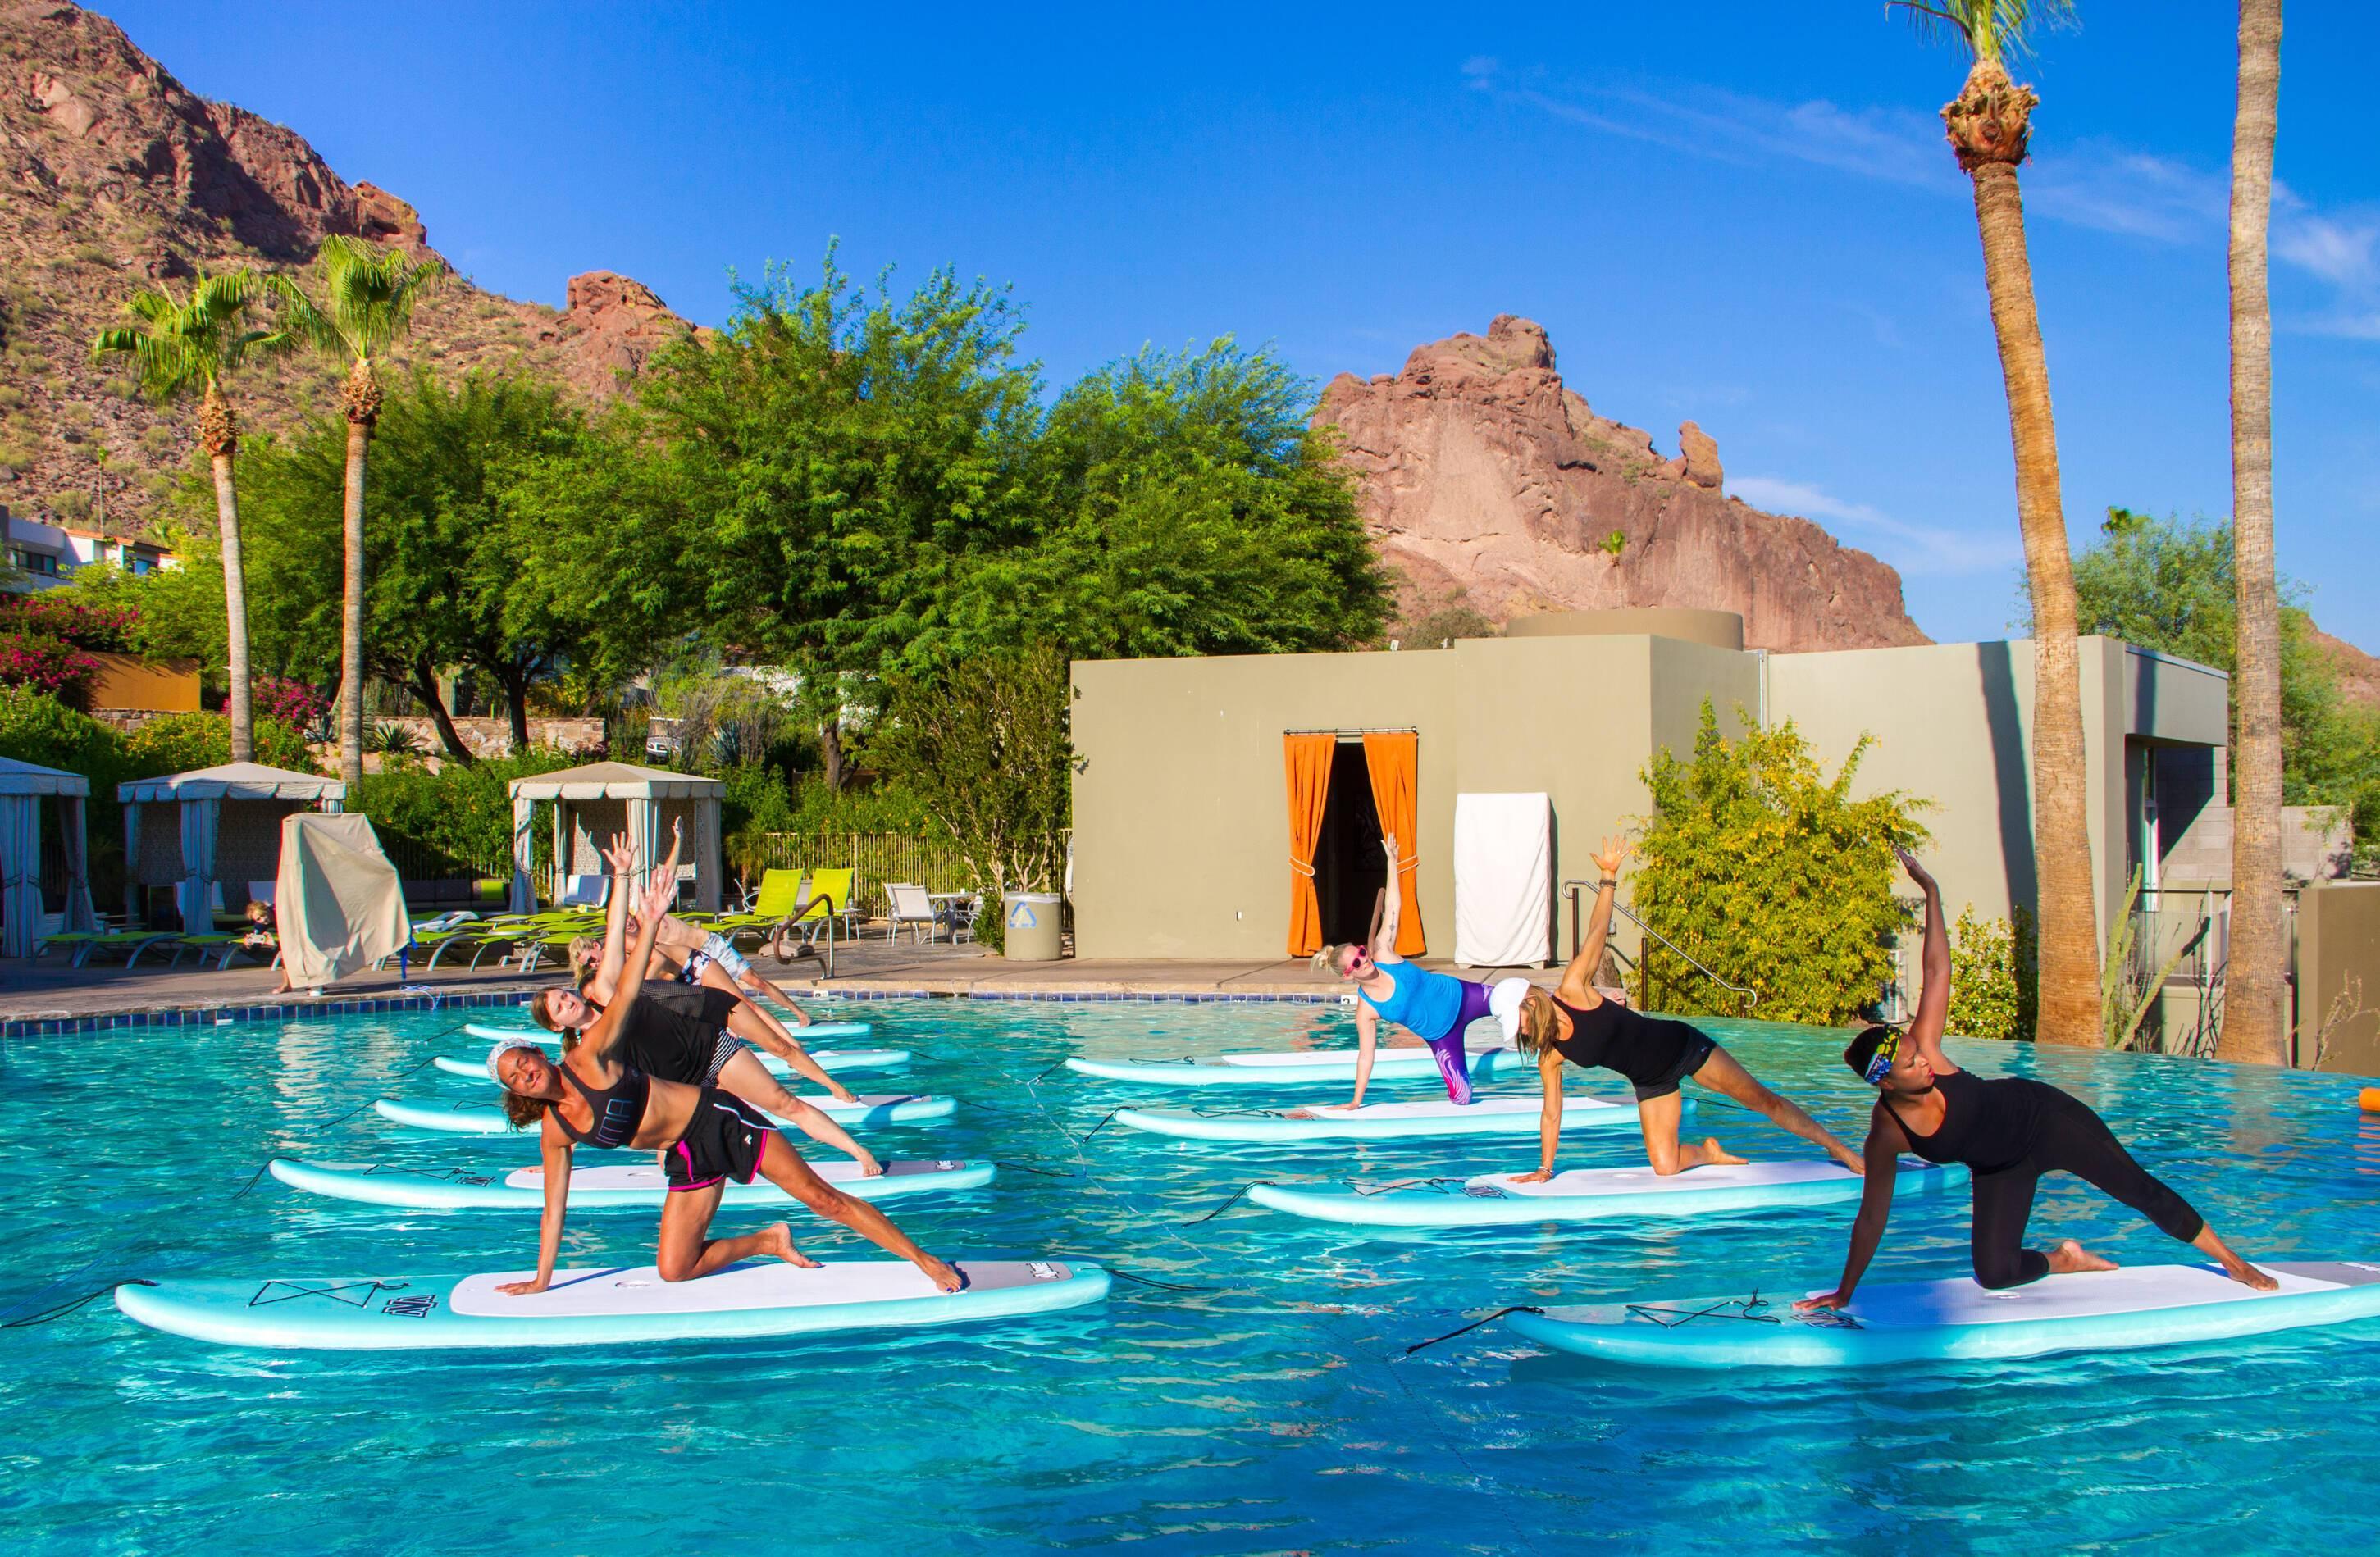 CamelBack Mountain Arizona Paddleboard Yoga